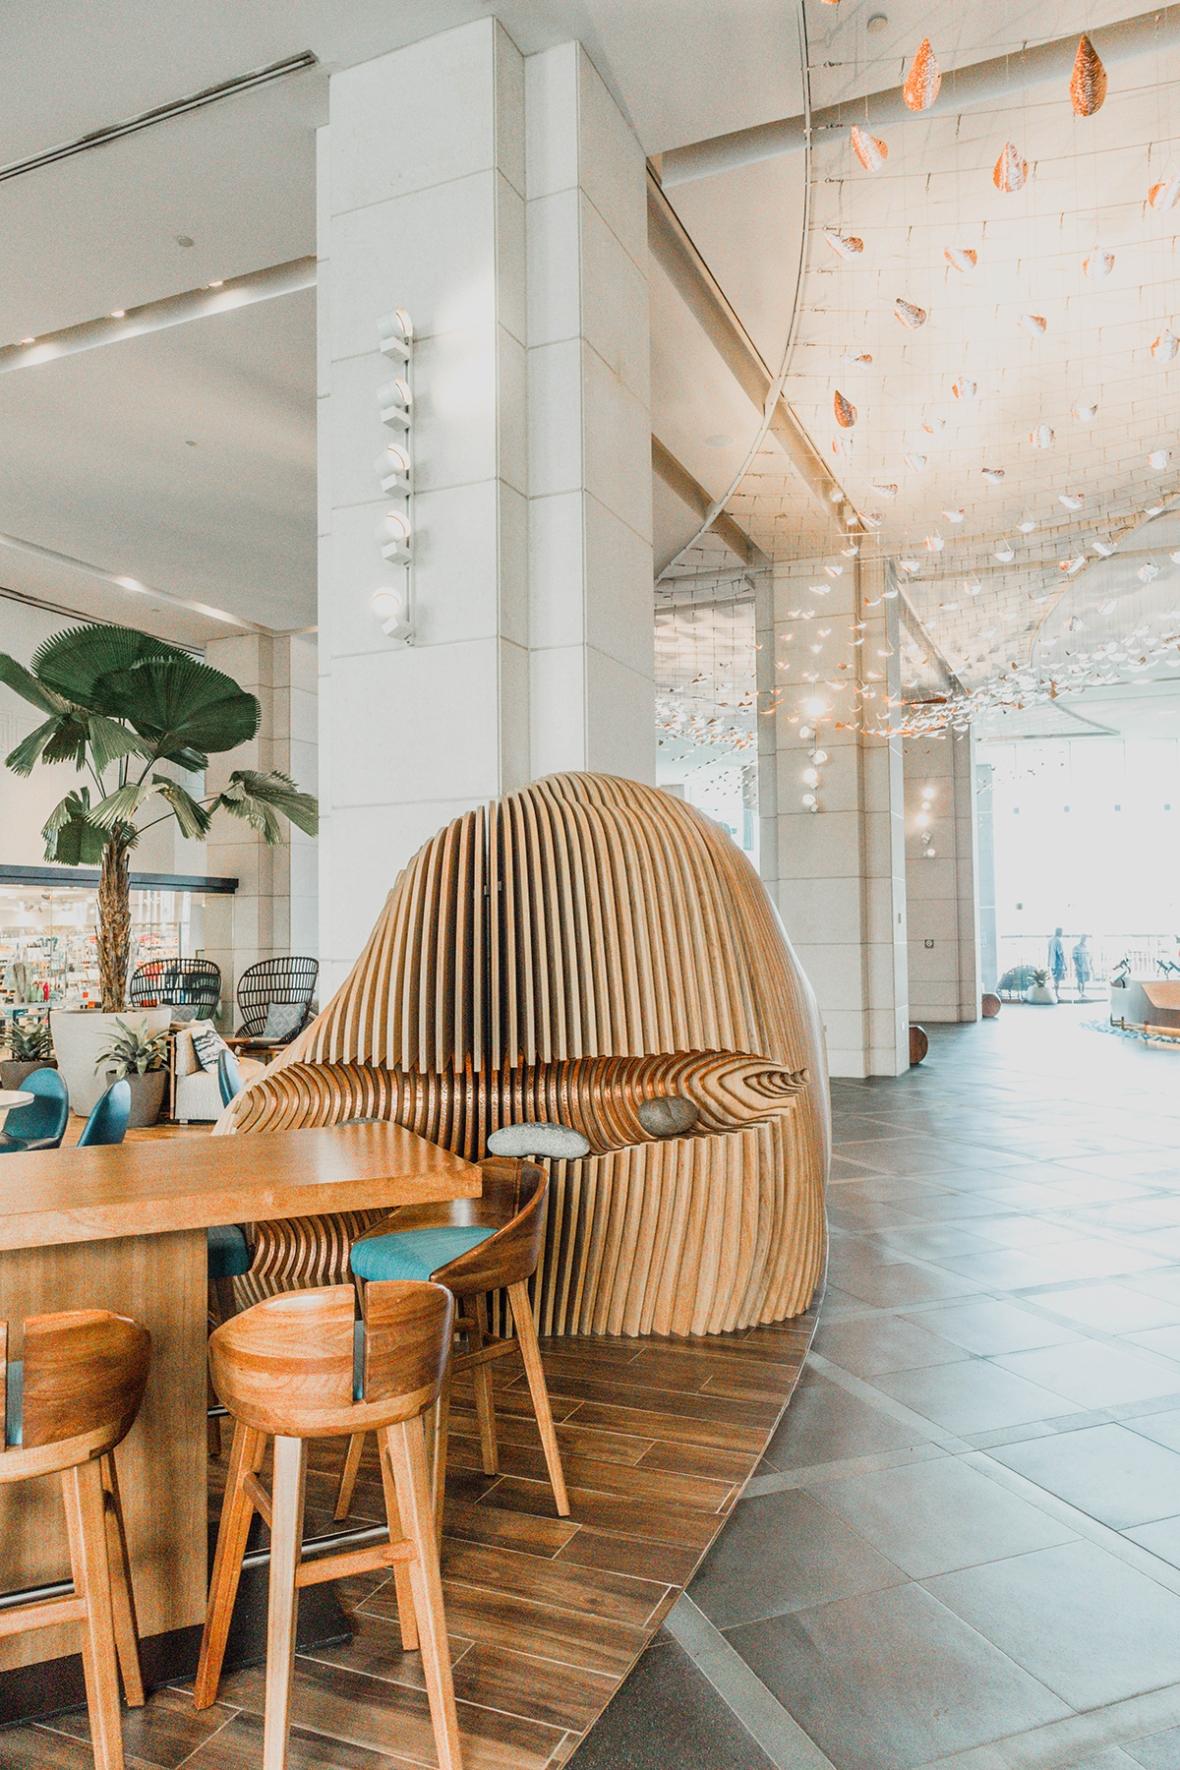 Prince Waikiki Hawaii Hotel Review Blogger Merel Lobby